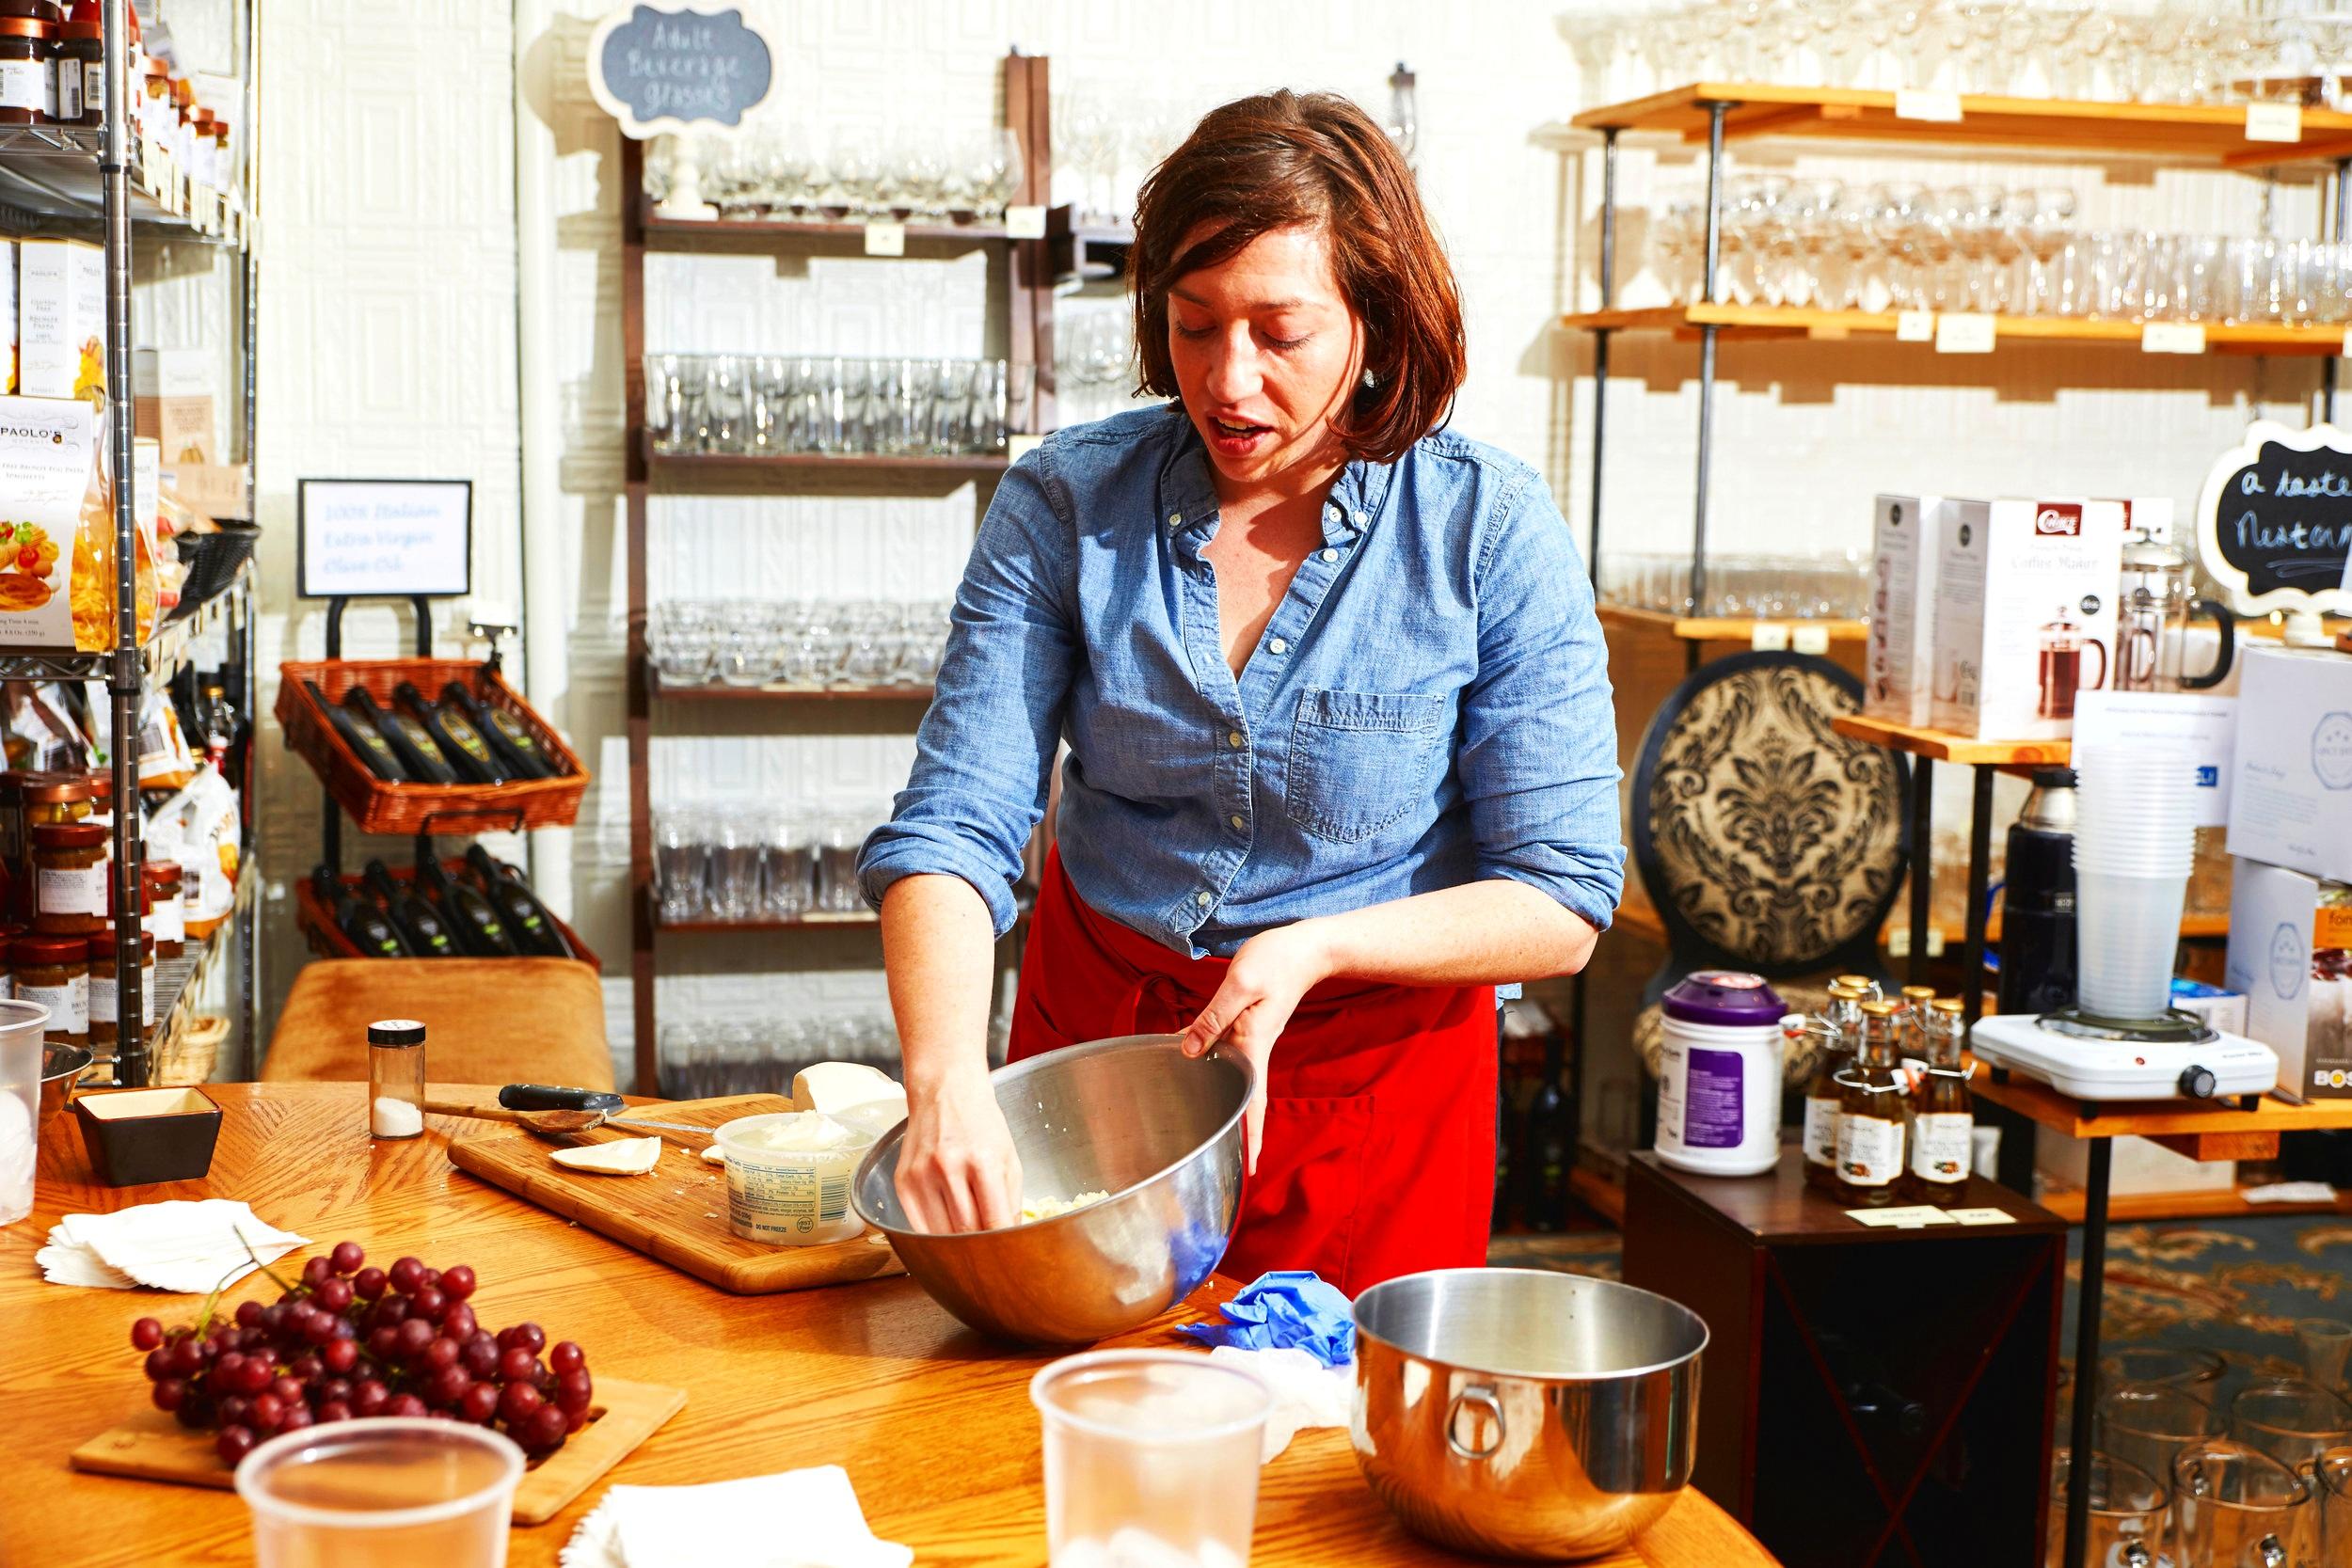 Jessica Affatato Mozzarella Making